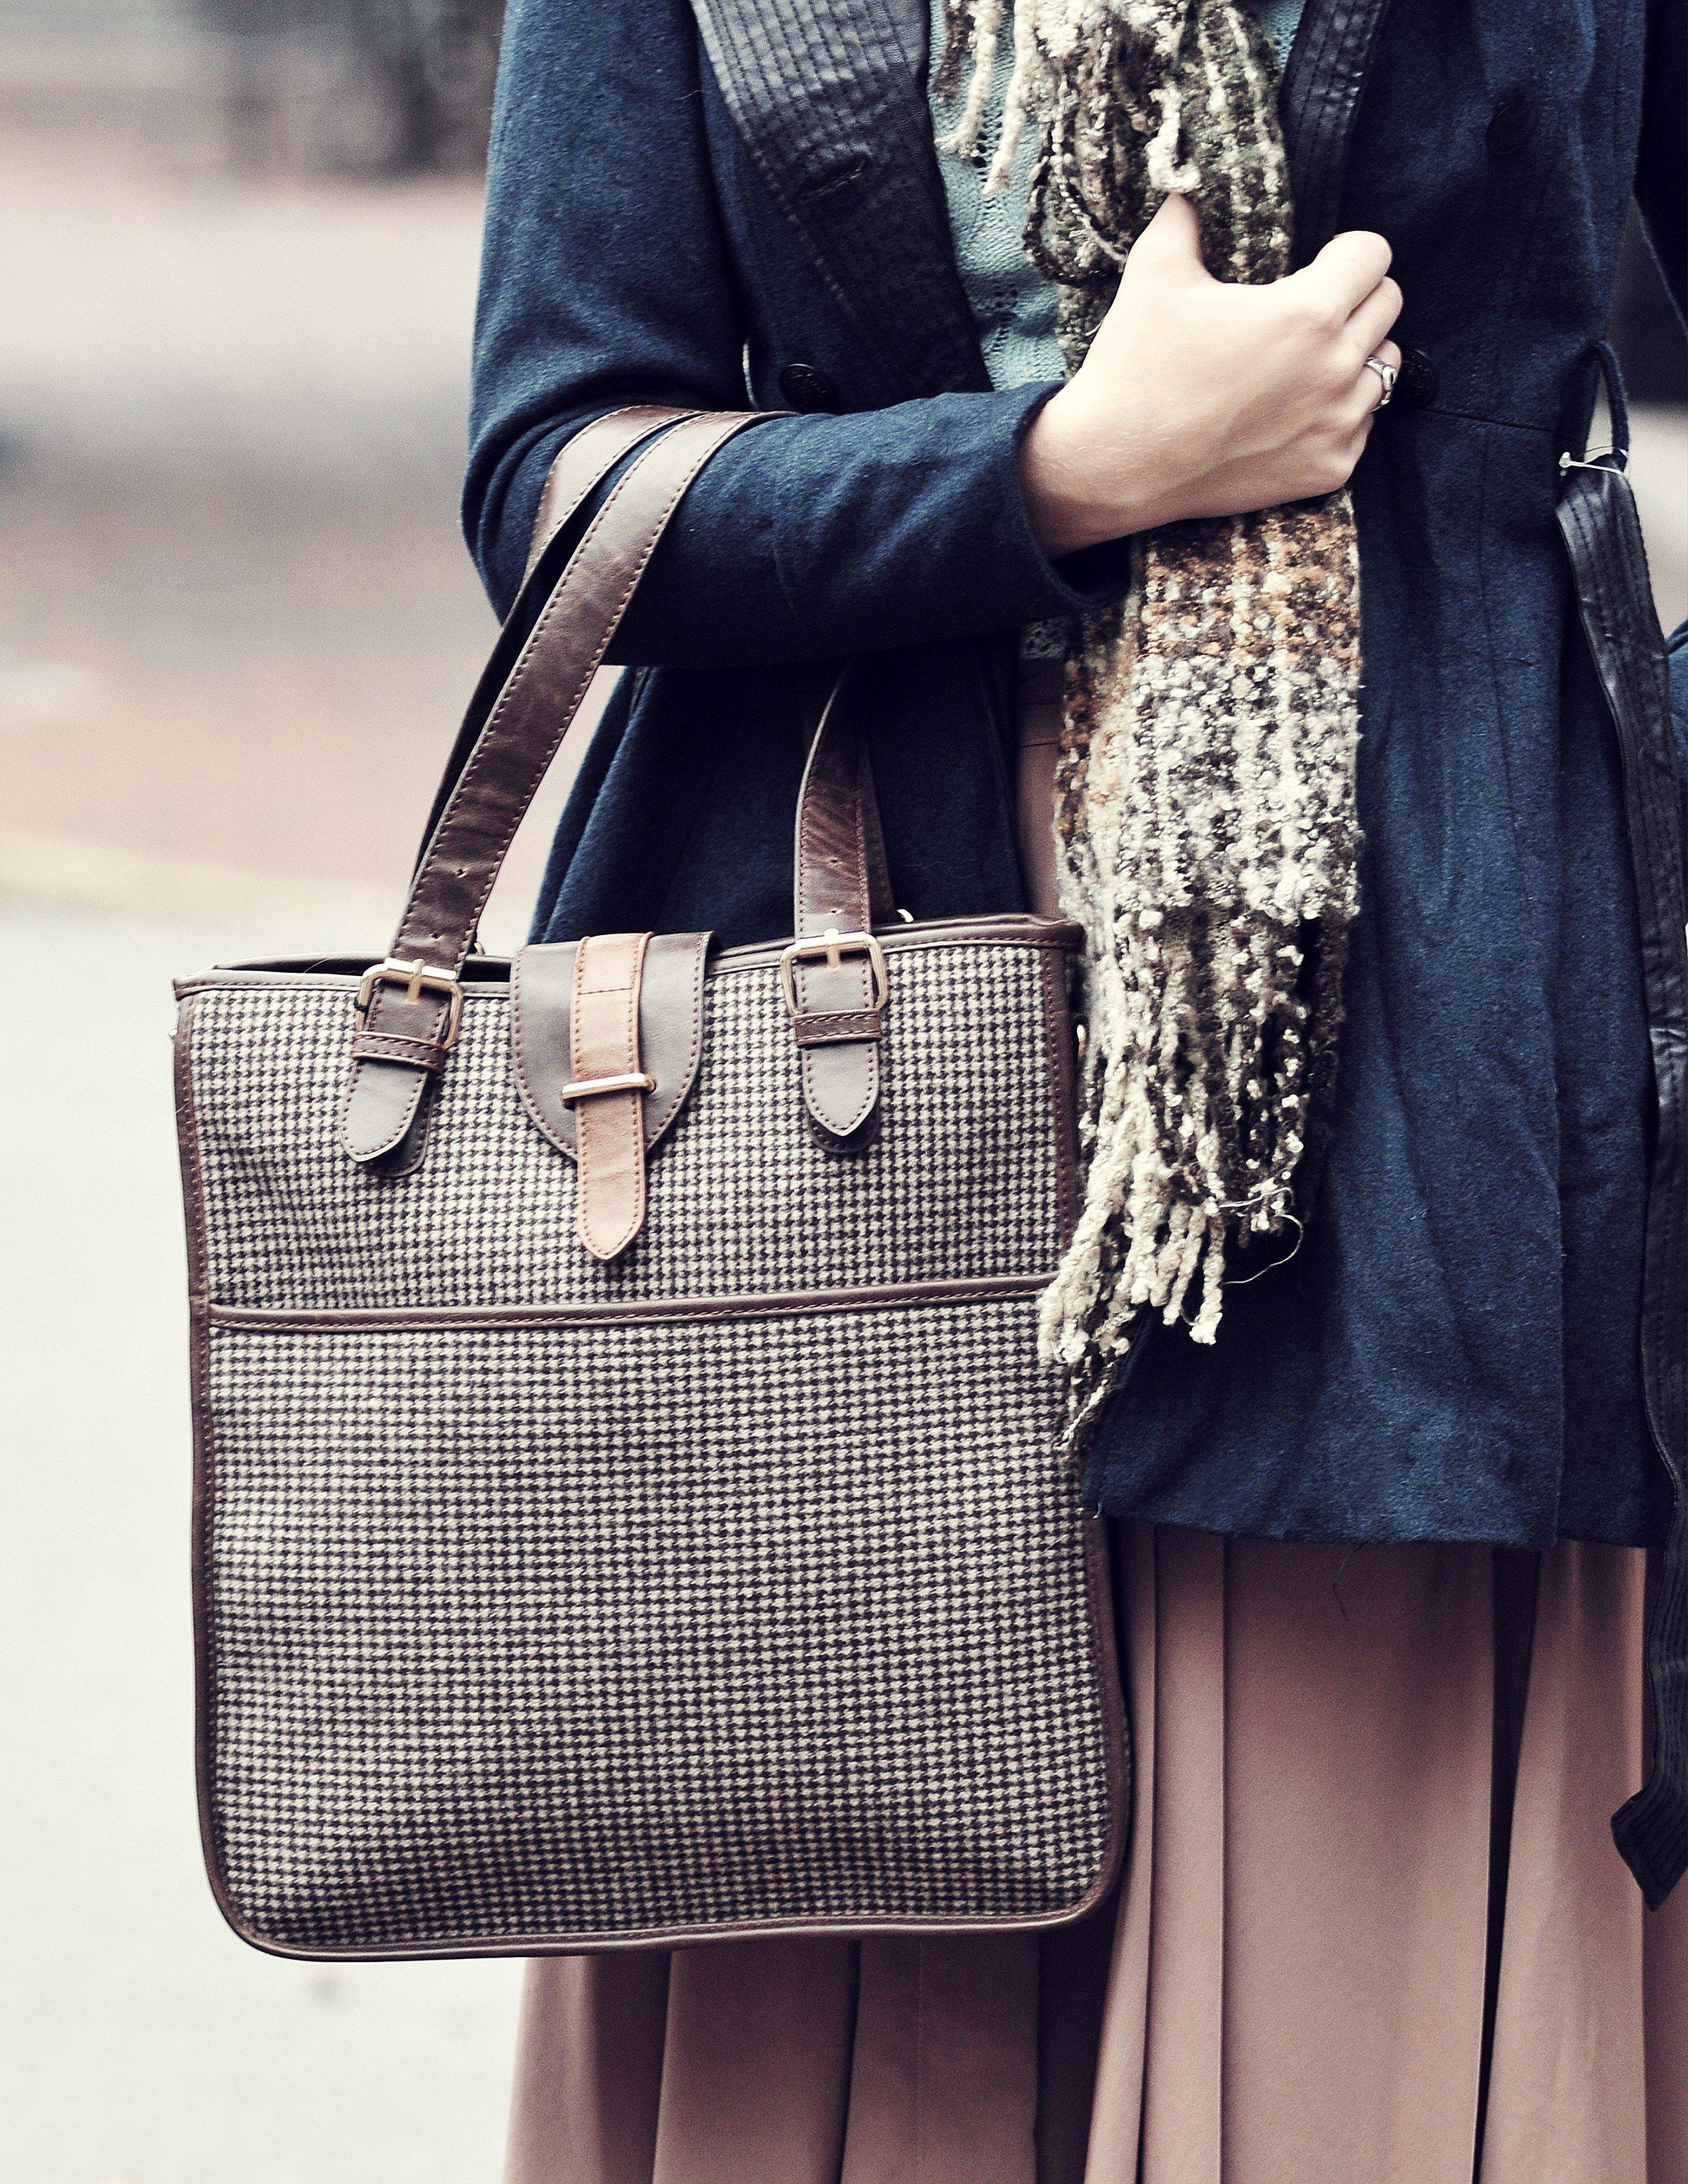 style-bag-13.jpg